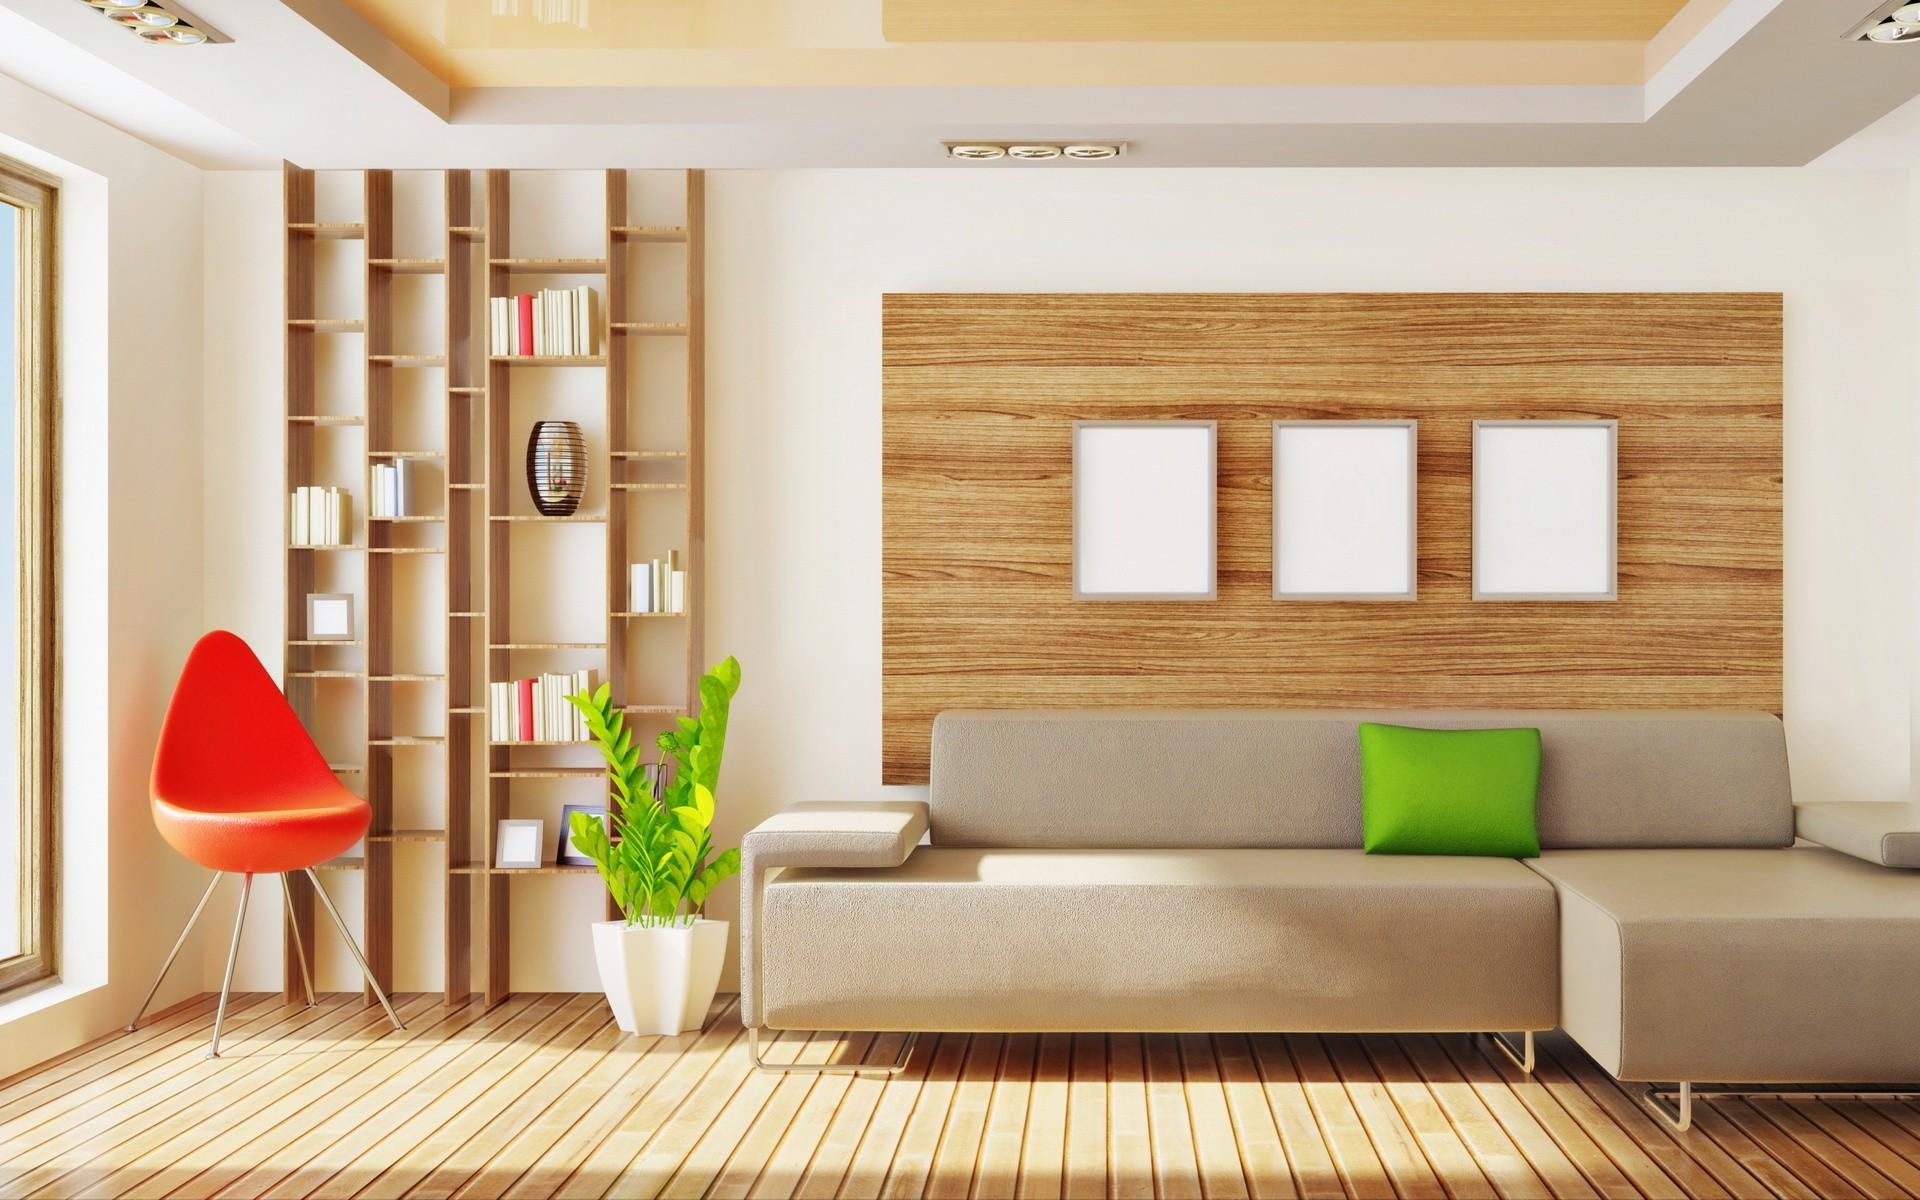 Интерьер - это внутреннее пространство помещения, отражающее внутреннее состояние человека